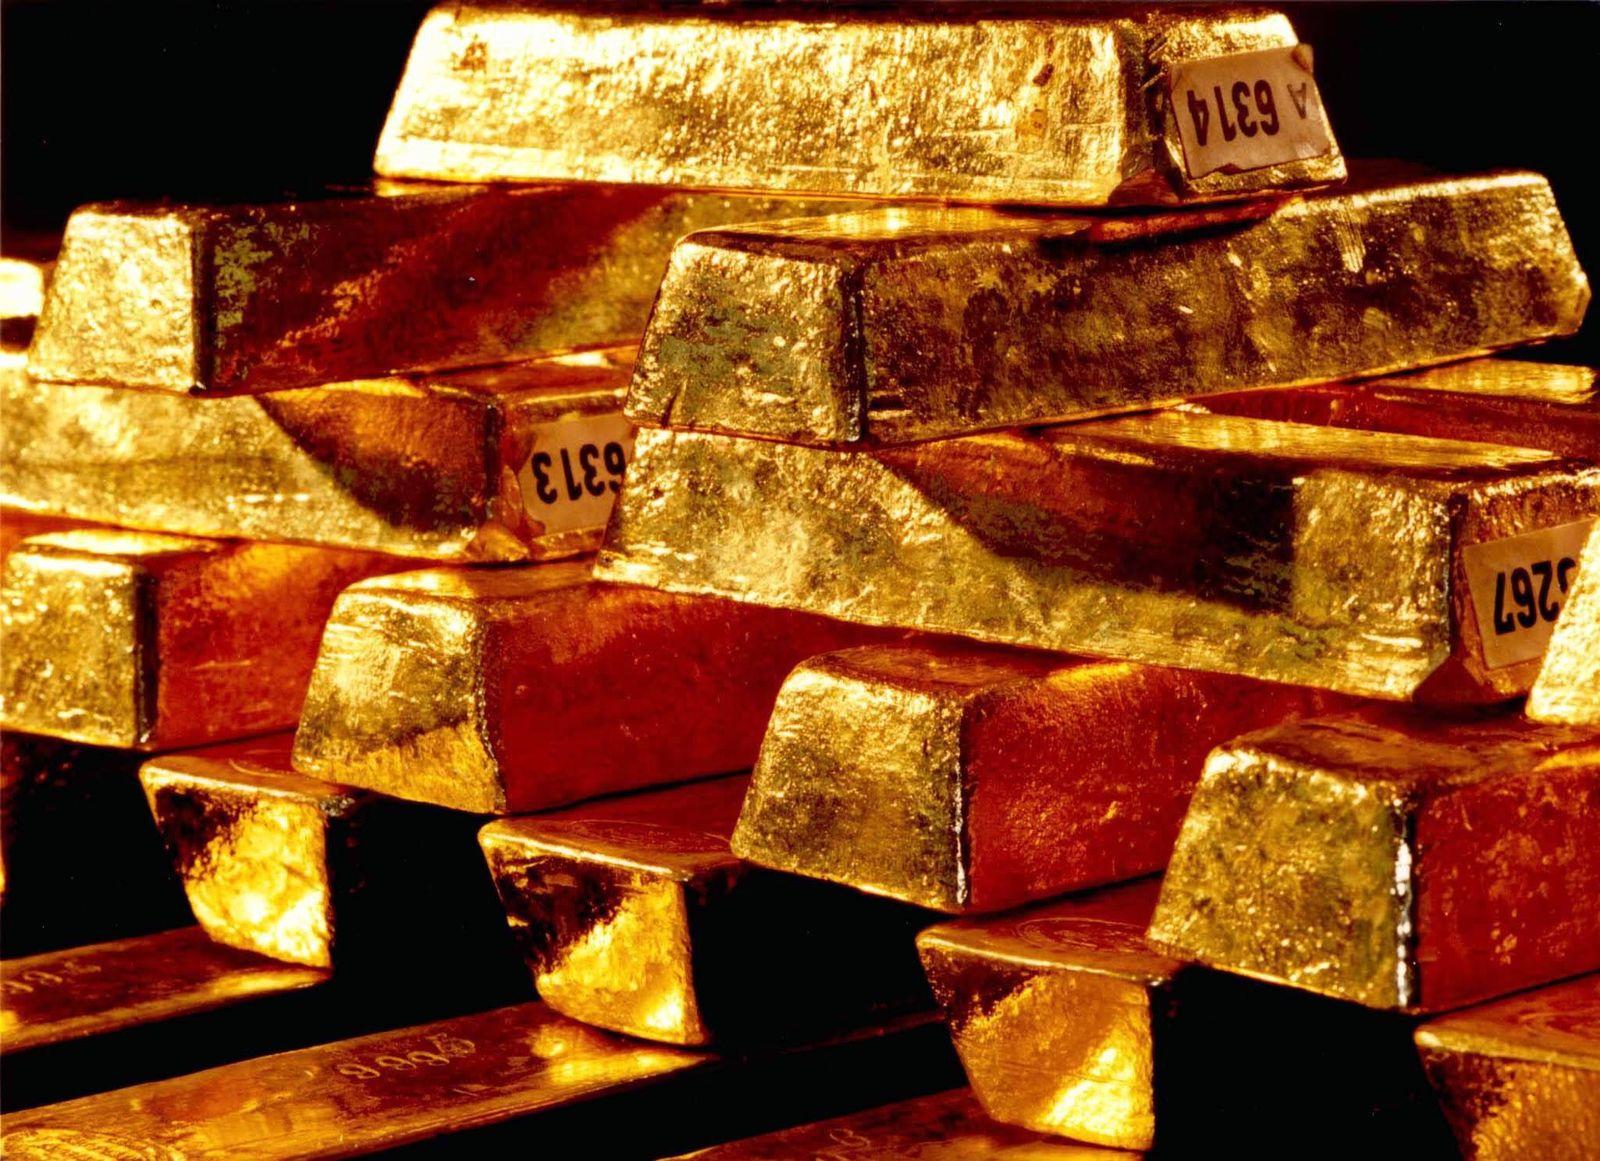 NICHT VERWENDEN Geldanlagen/ Krisensicher / Goldbarren / Gold